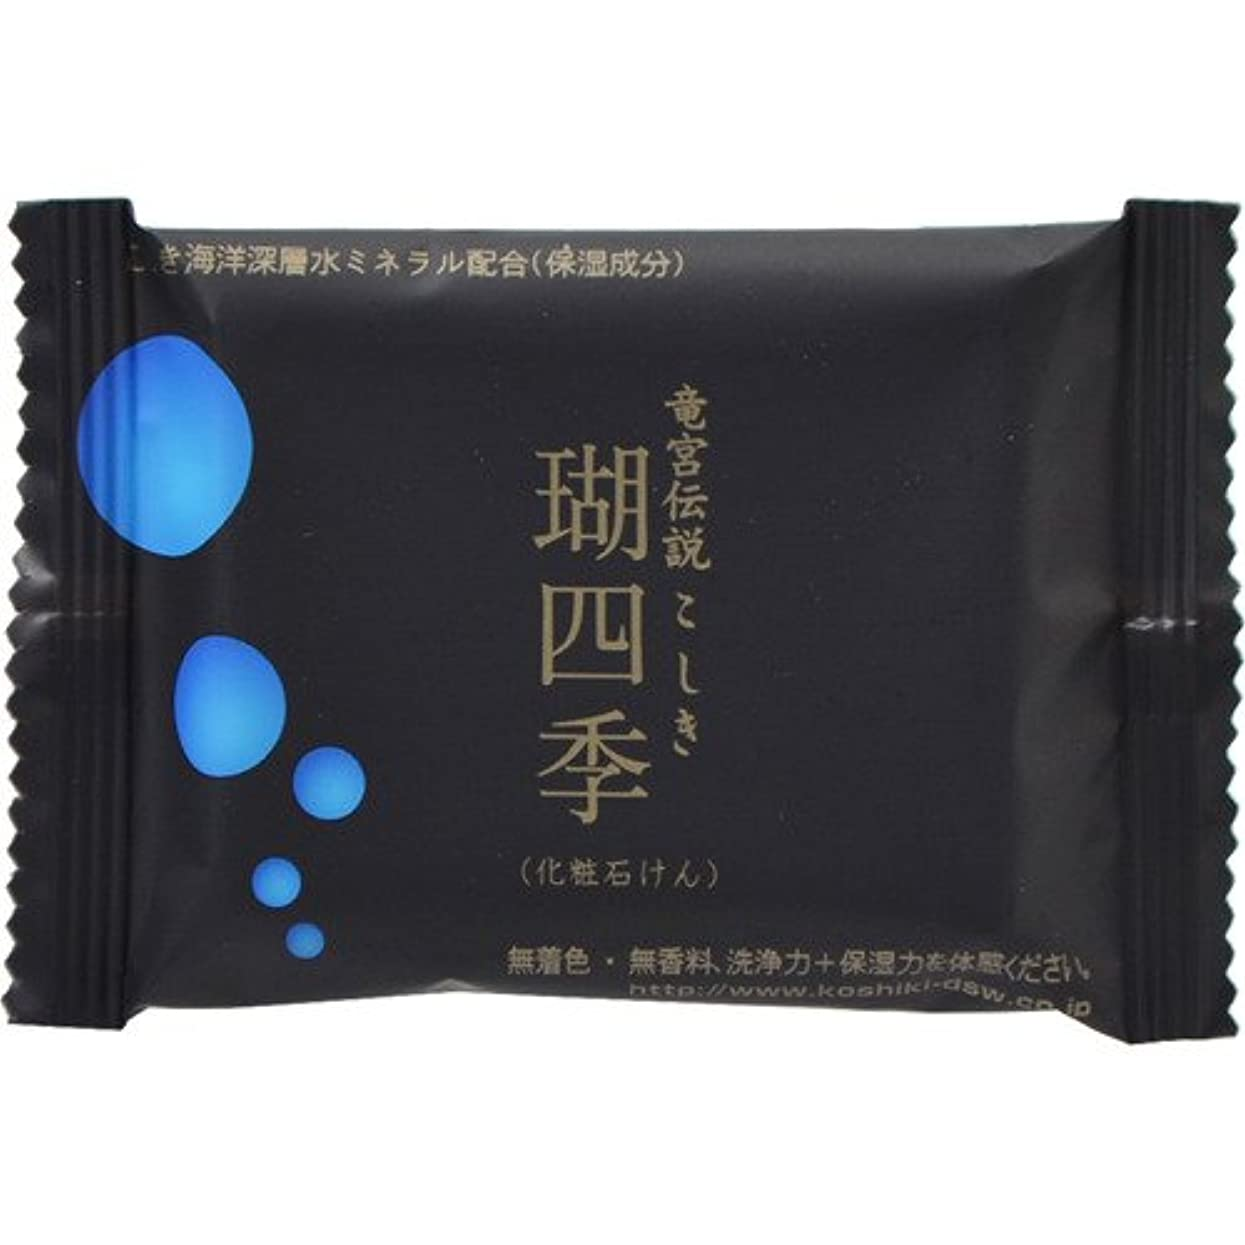 申し込む含む討論瑚四季 化粧石鹸 30g